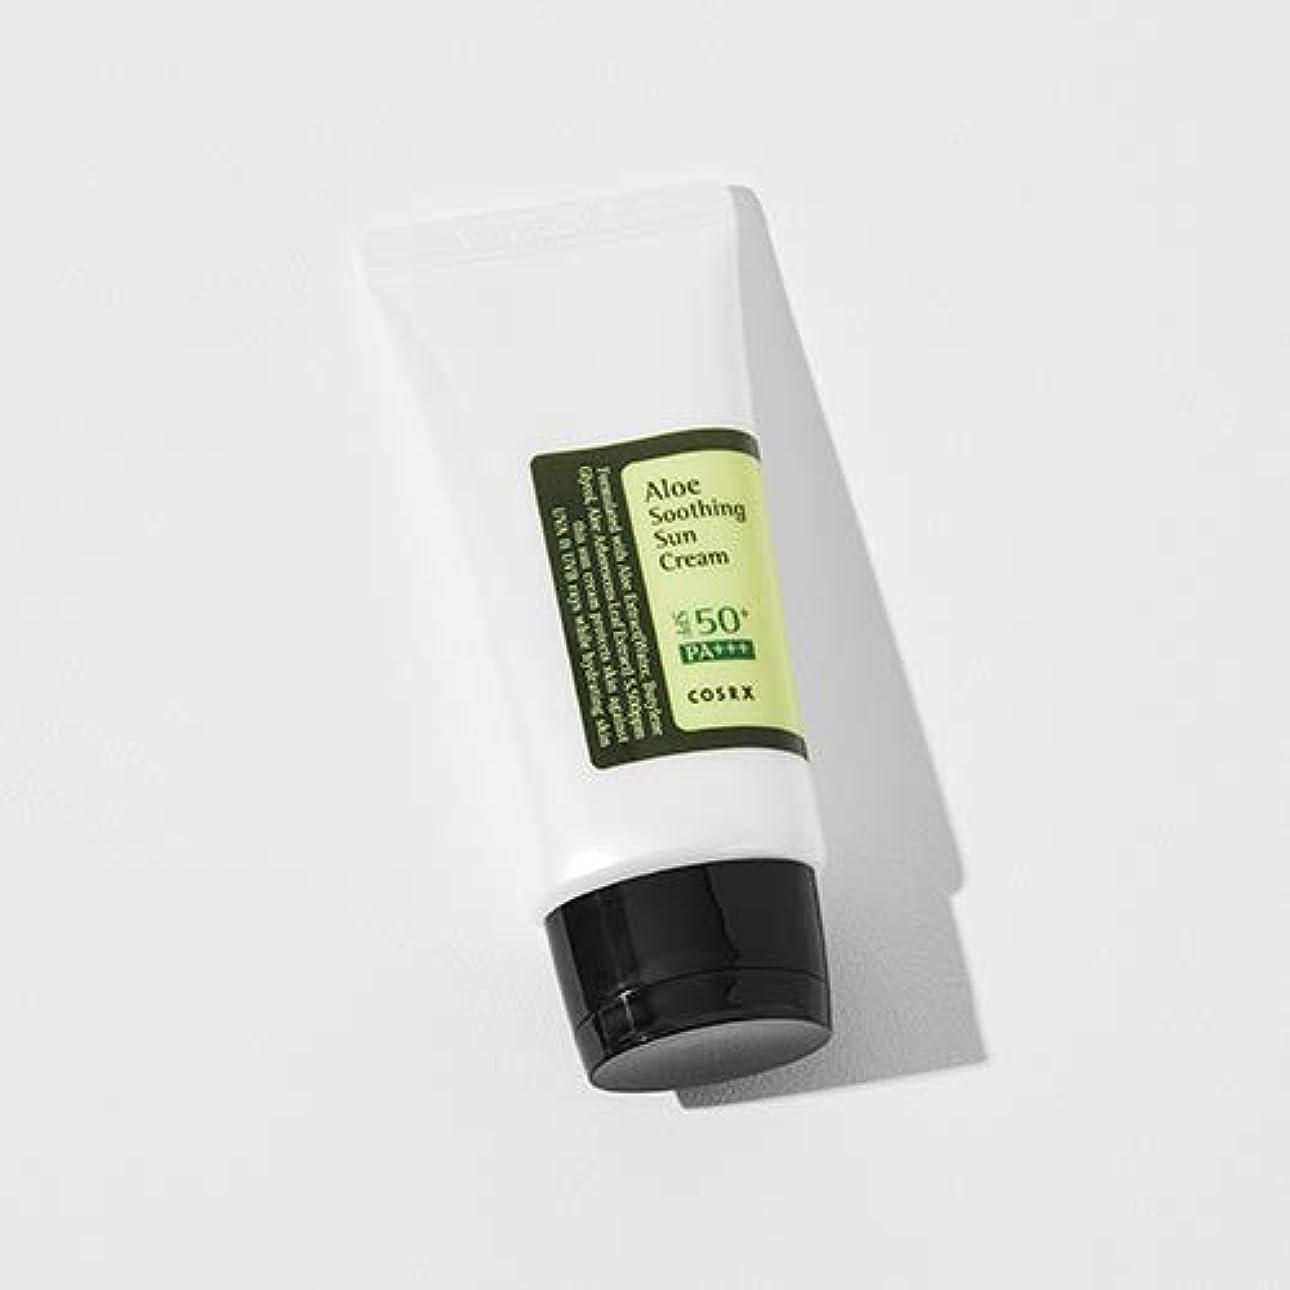 収入キャプチャー単調な[COSRX] Aloe Soothing Sun Cream 50ml / [COSRX] アロエ スーディング サンクリーム 50ml [並行輸入品]